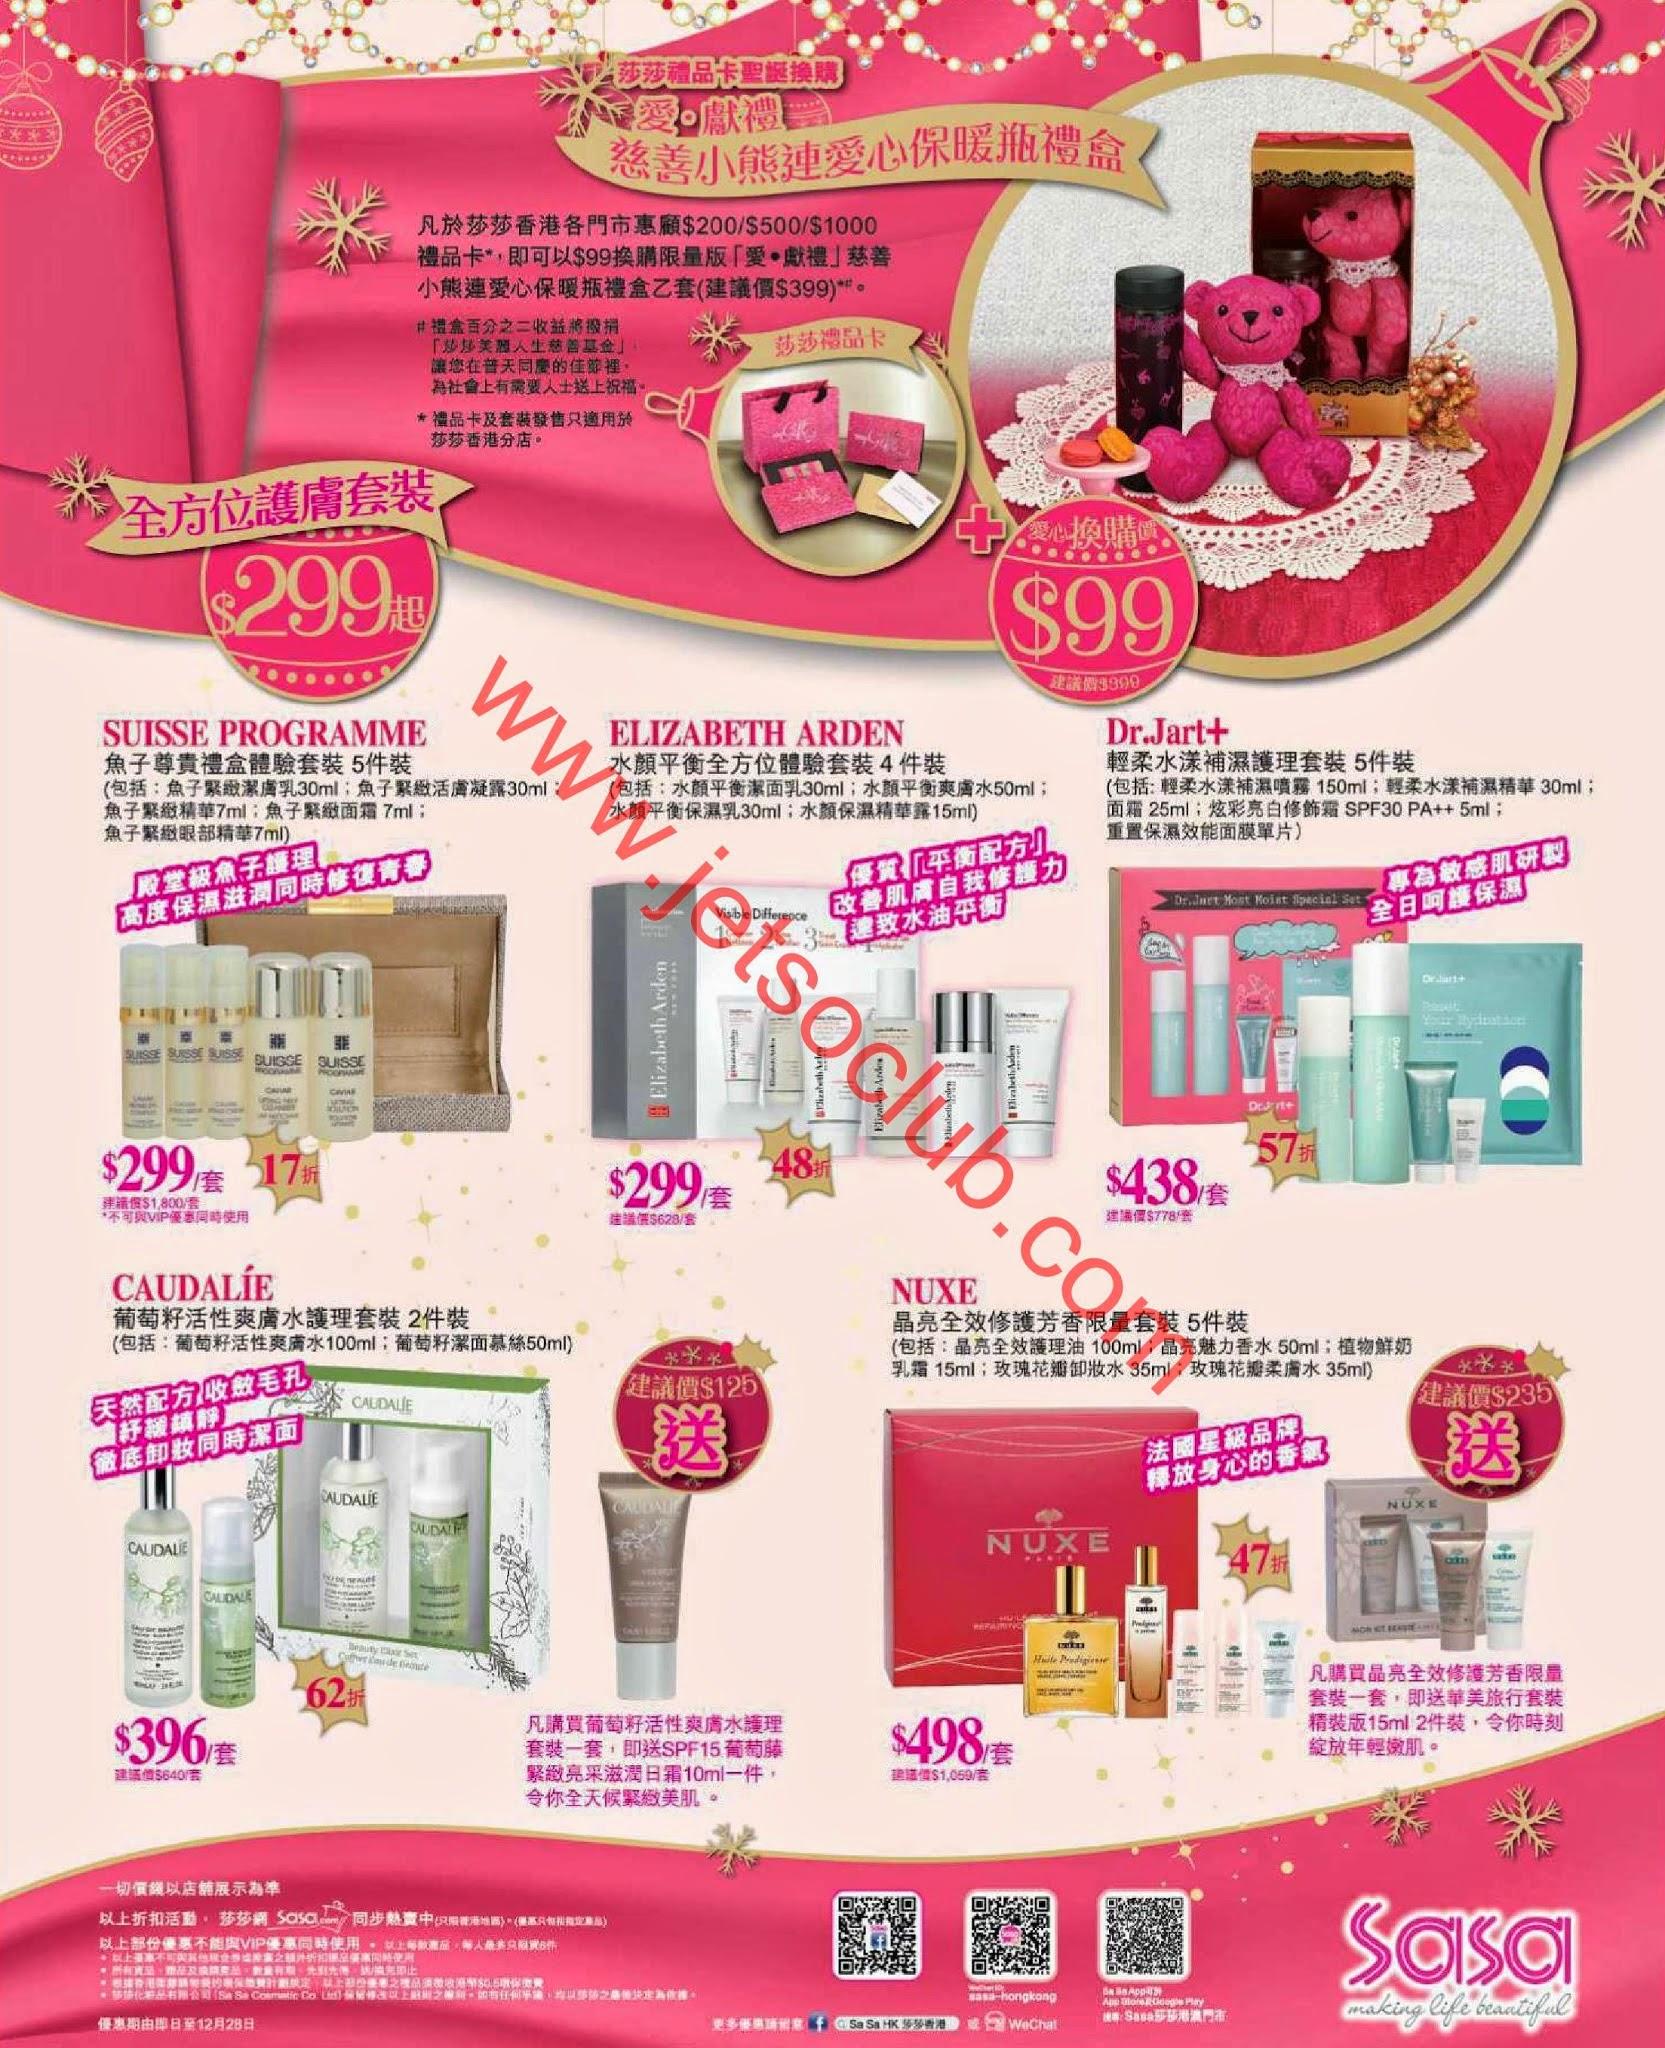 莎莎:聖誕超值套裝 $98起 / 化妝品最新優惠(至28/12) ( Jetso Club 著數俱樂部 )